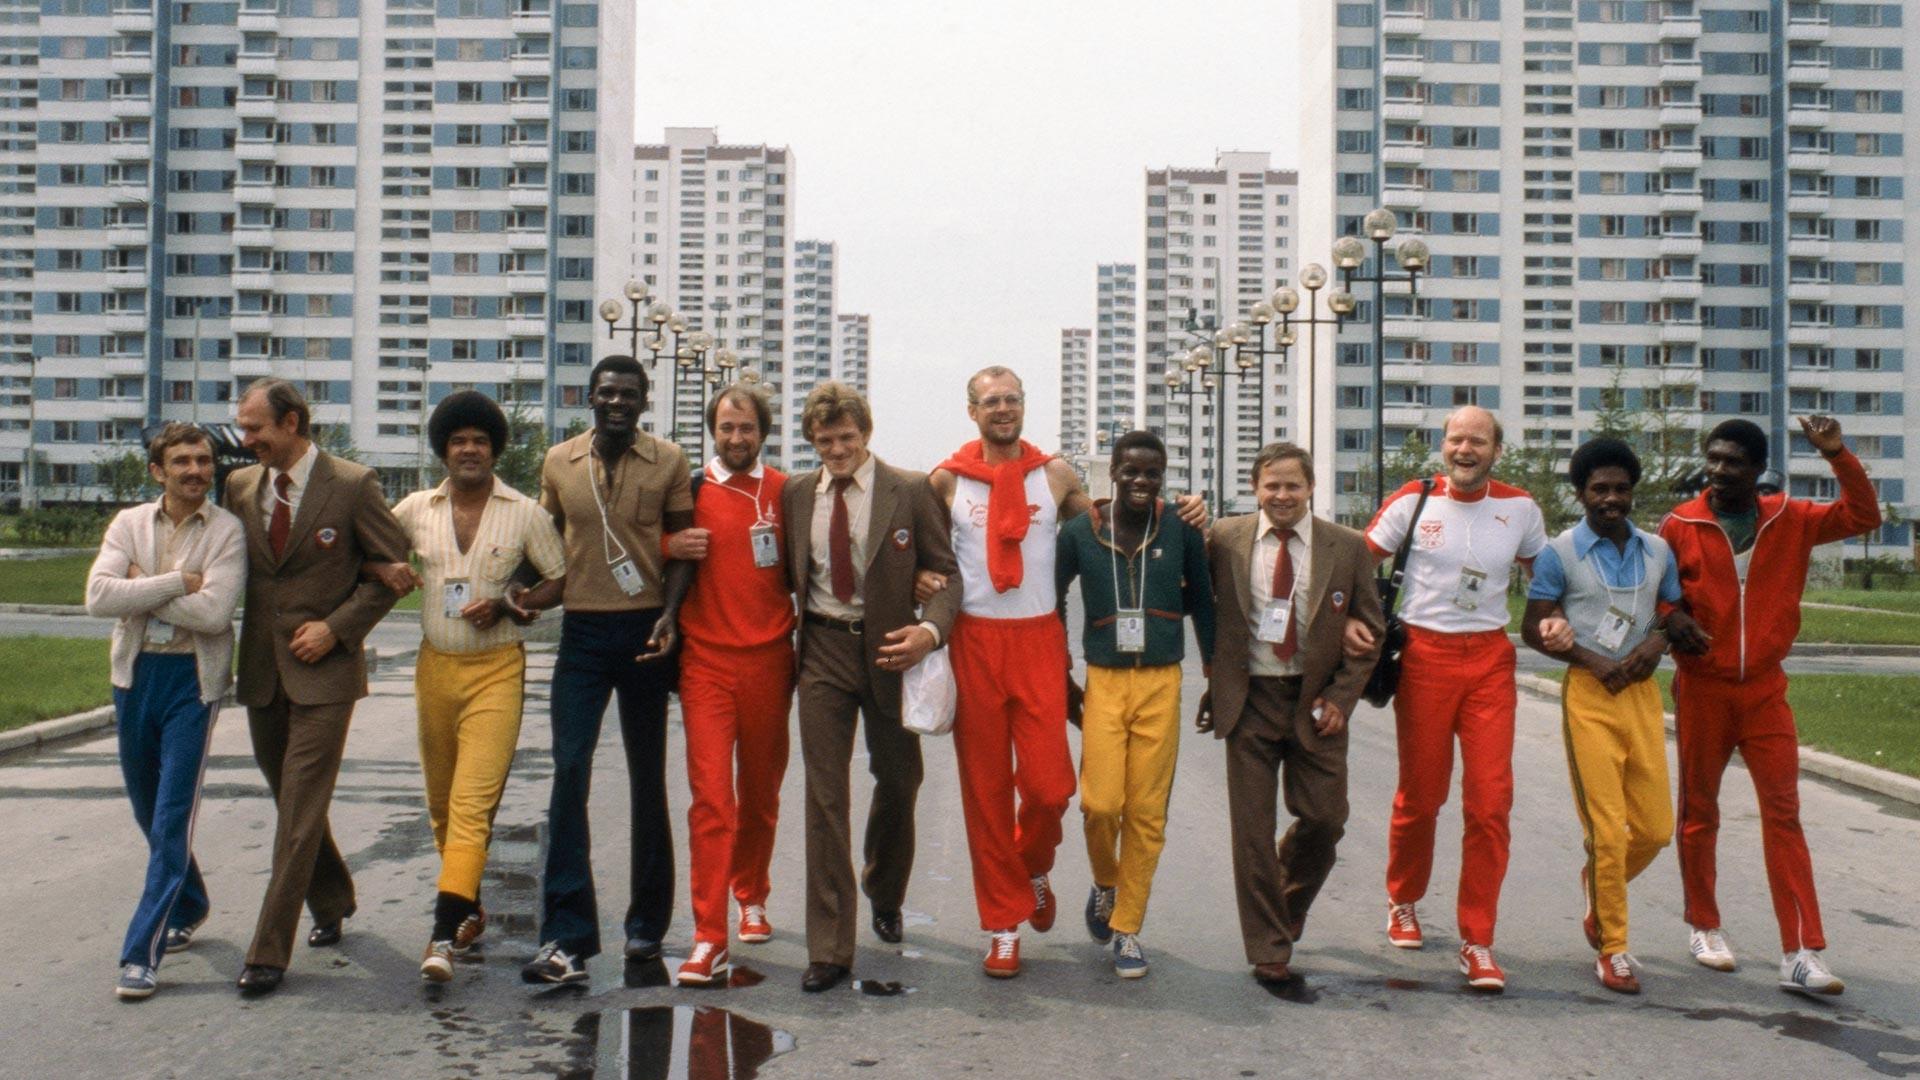 Sportler aus der UdSSR, Dänemark und Guyana im Olympischen Dorf